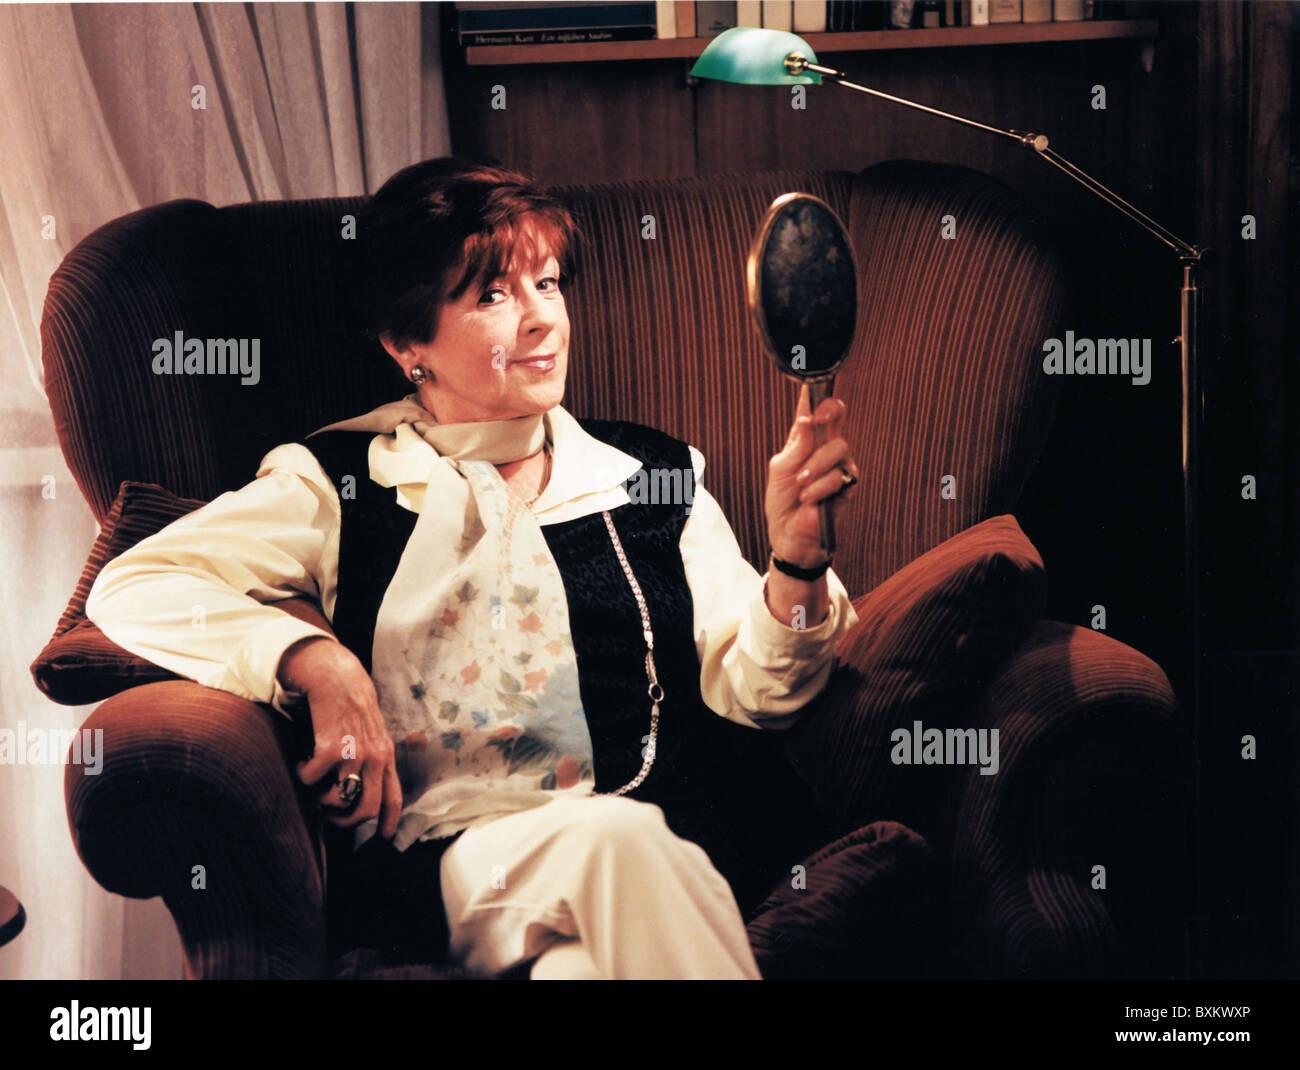 Ebert, Margot, 8.6.1926 - 26.6.2009, German actress, half length, private, Friedrichshagen, 17.12.1998, Additional - Stock Image